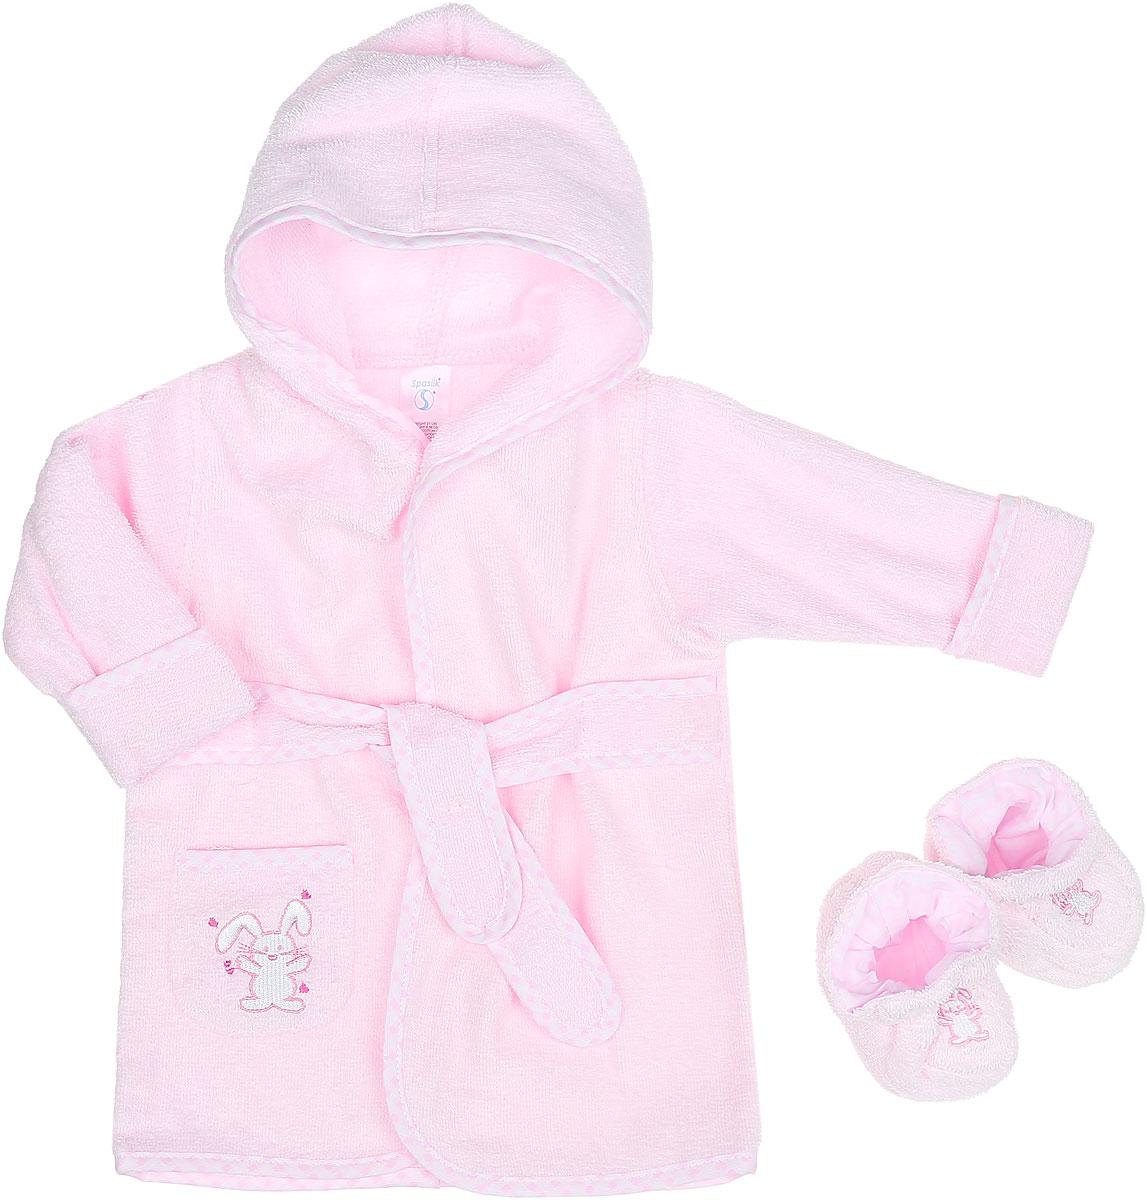 Комплект для девочки Spasilk Зайка: халат, пинетки, цвет: светло-розовый. 300-103. Размер 0/9 месяцев